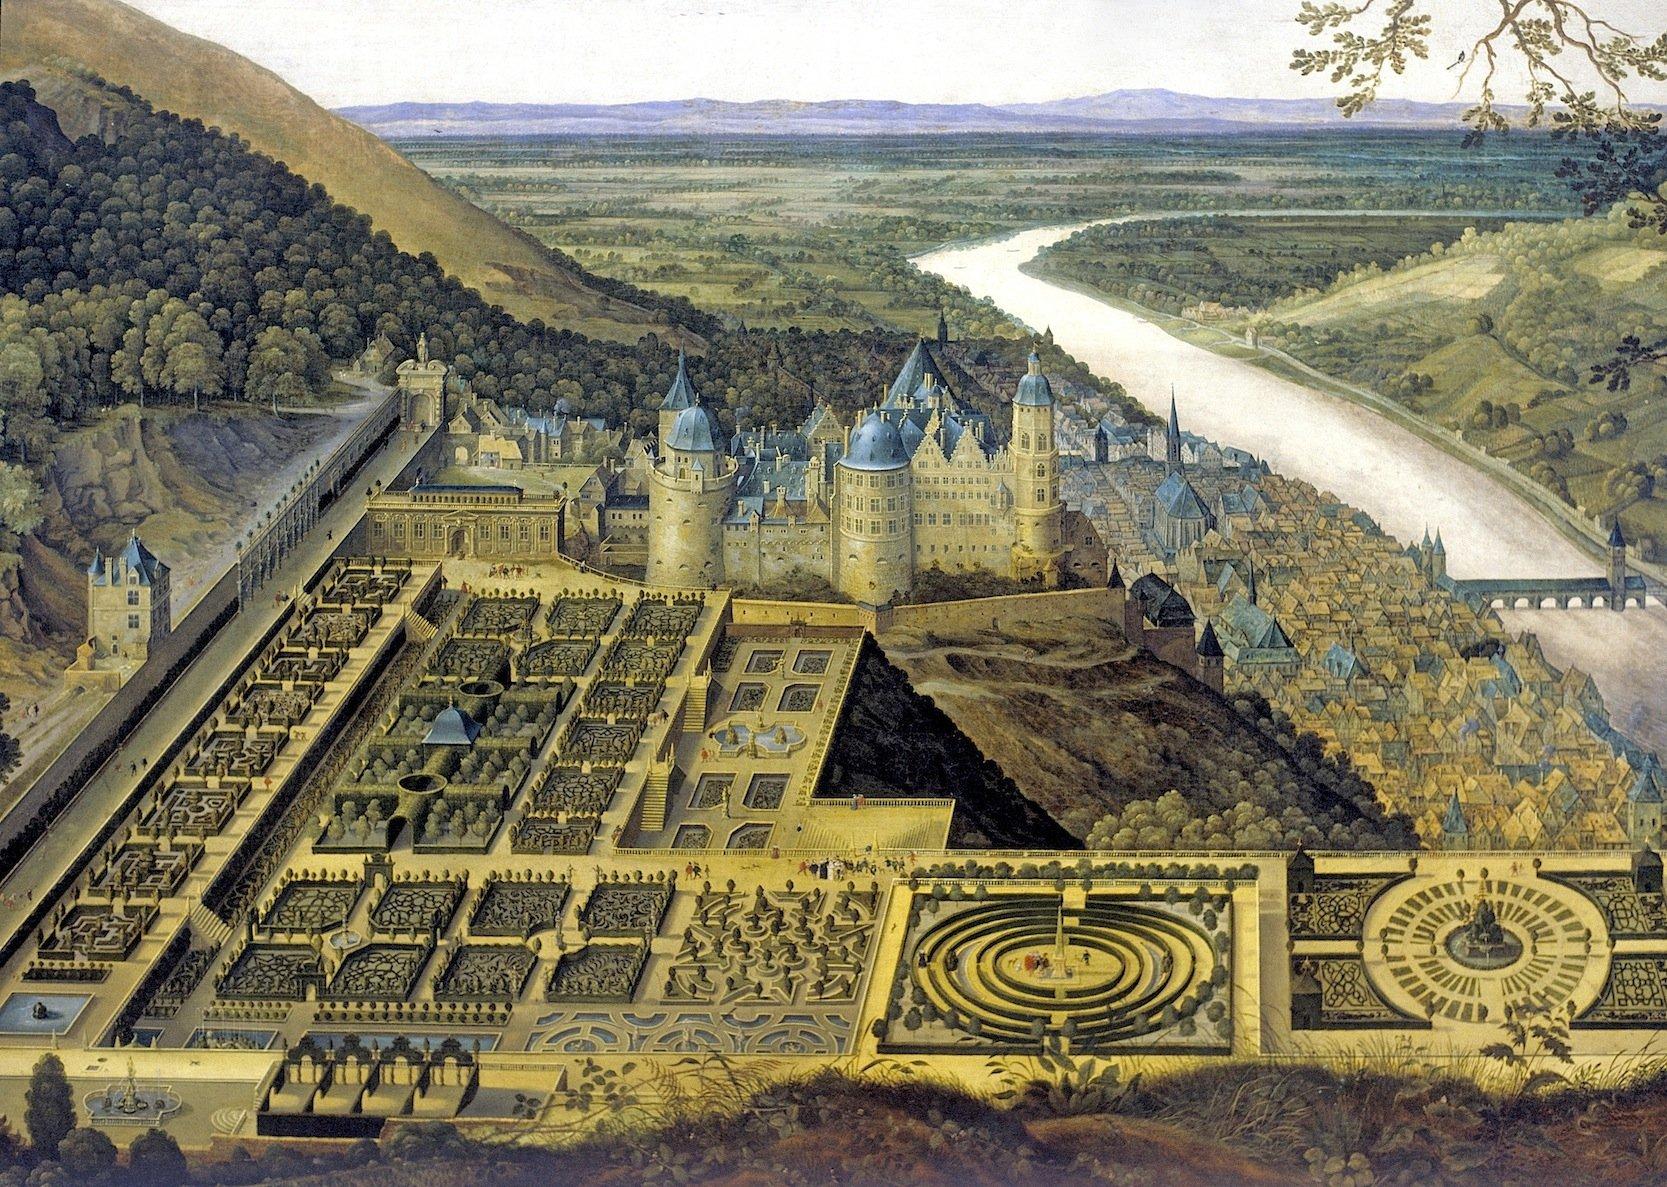 Gemälde desHortus Palatinus vom Heidelberger Schloss aus dem Jahr 1620:Aus solchen Gemälden, historischen Zeichnungen und Bauplänen wurde die neue 3D-Simulation des unzerstörten Schlosses rekonstruiert.